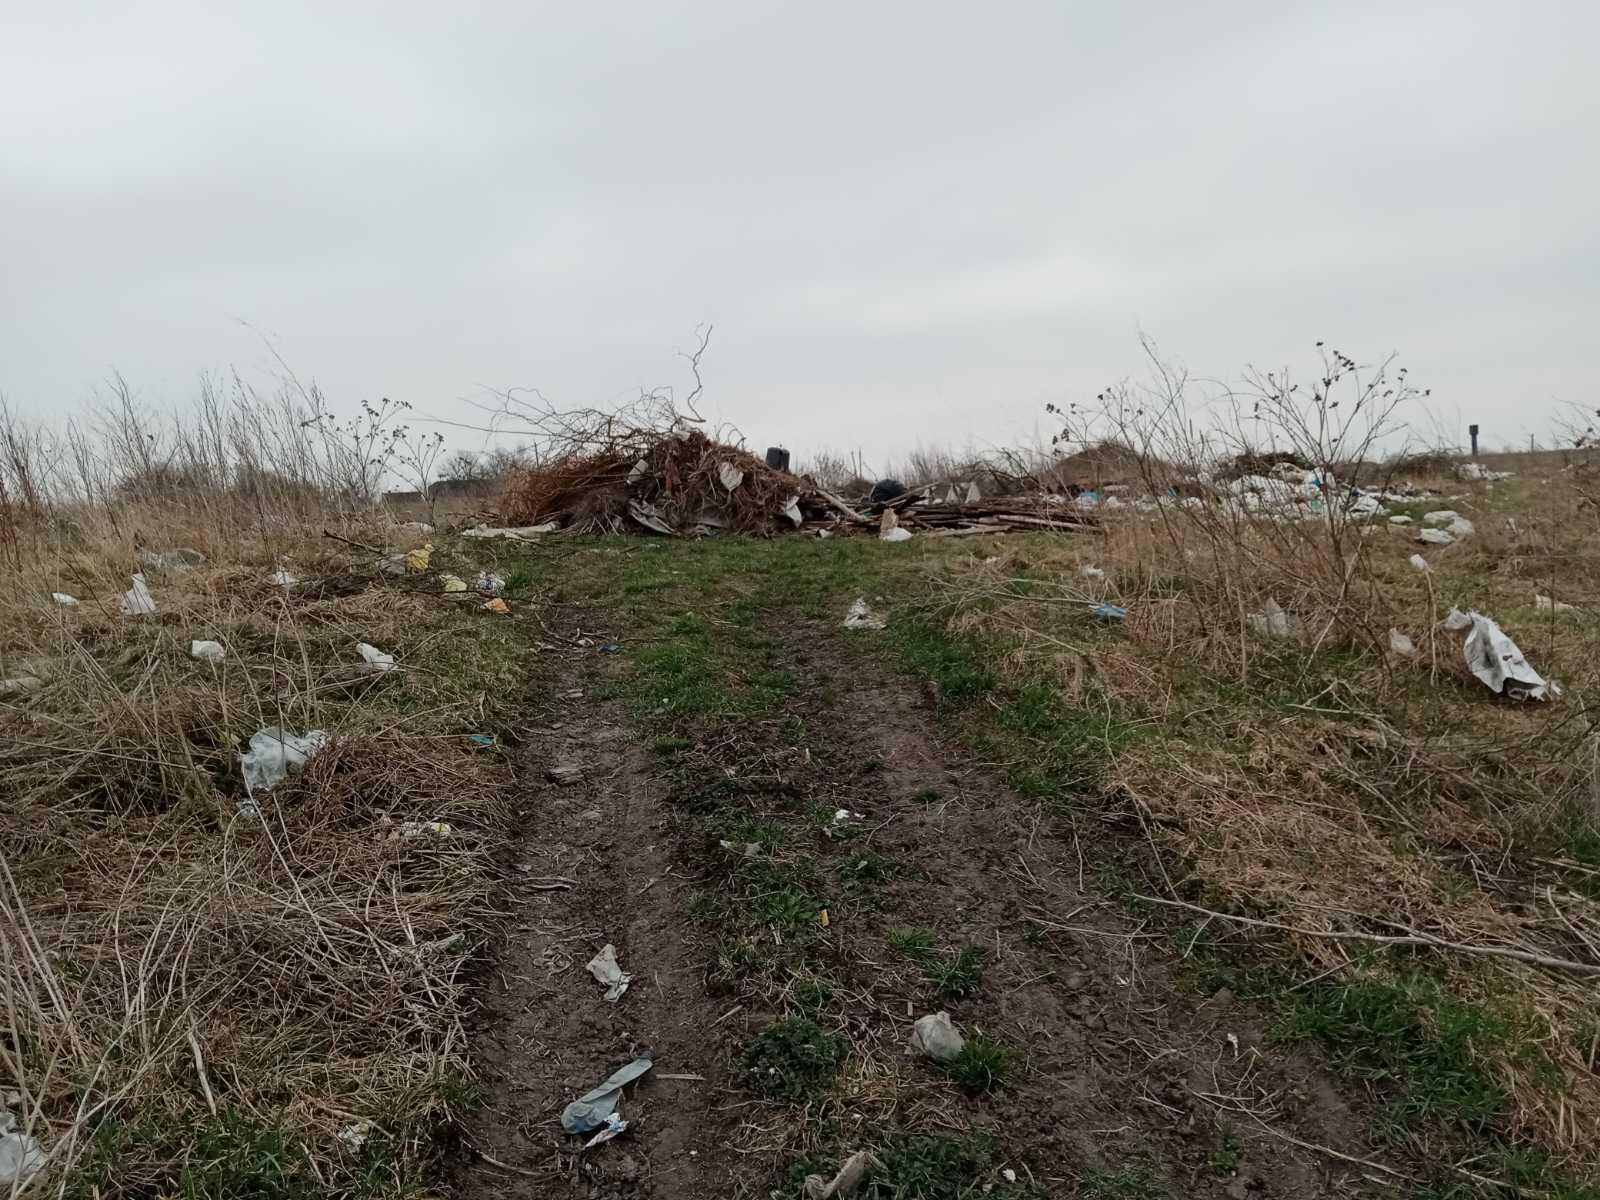 «Врятуємо громаду від сміття» – як проголосувати за проект Сокальської ОТГ у конкурсі «Наша громада»?